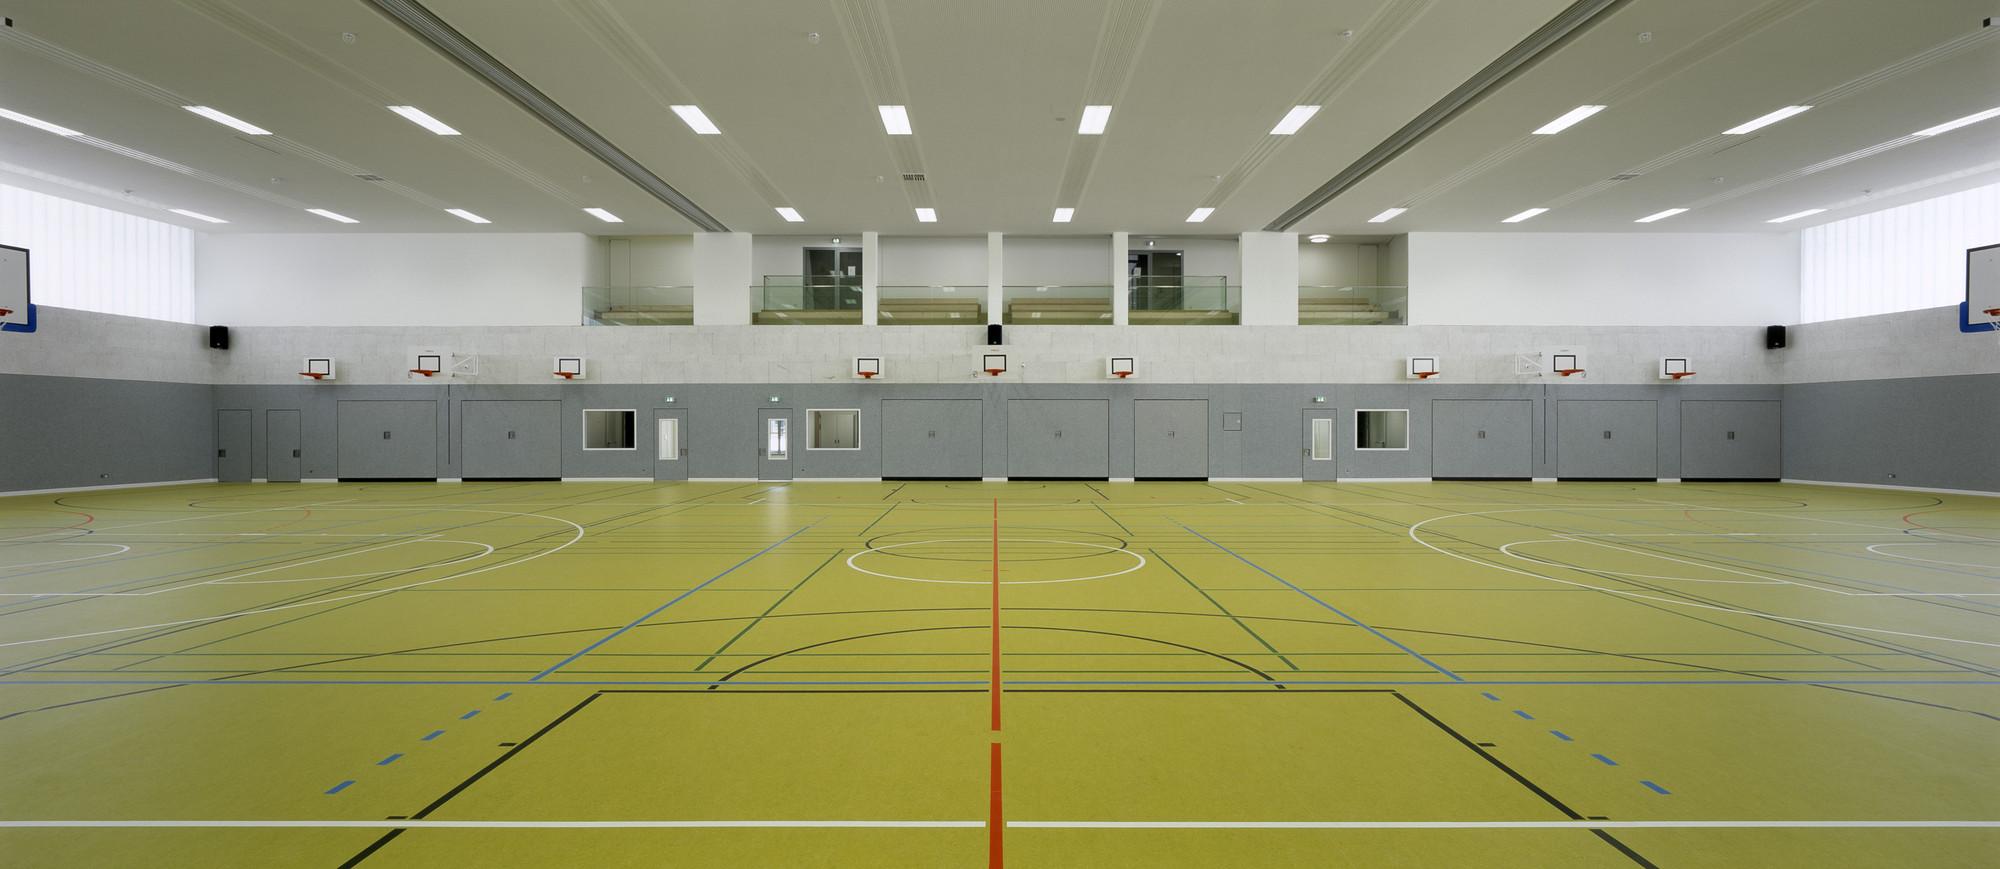 gallery of bildungszentrum tor zur welt bof architekten 13. Black Bedroom Furniture Sets. Home Design Ideas